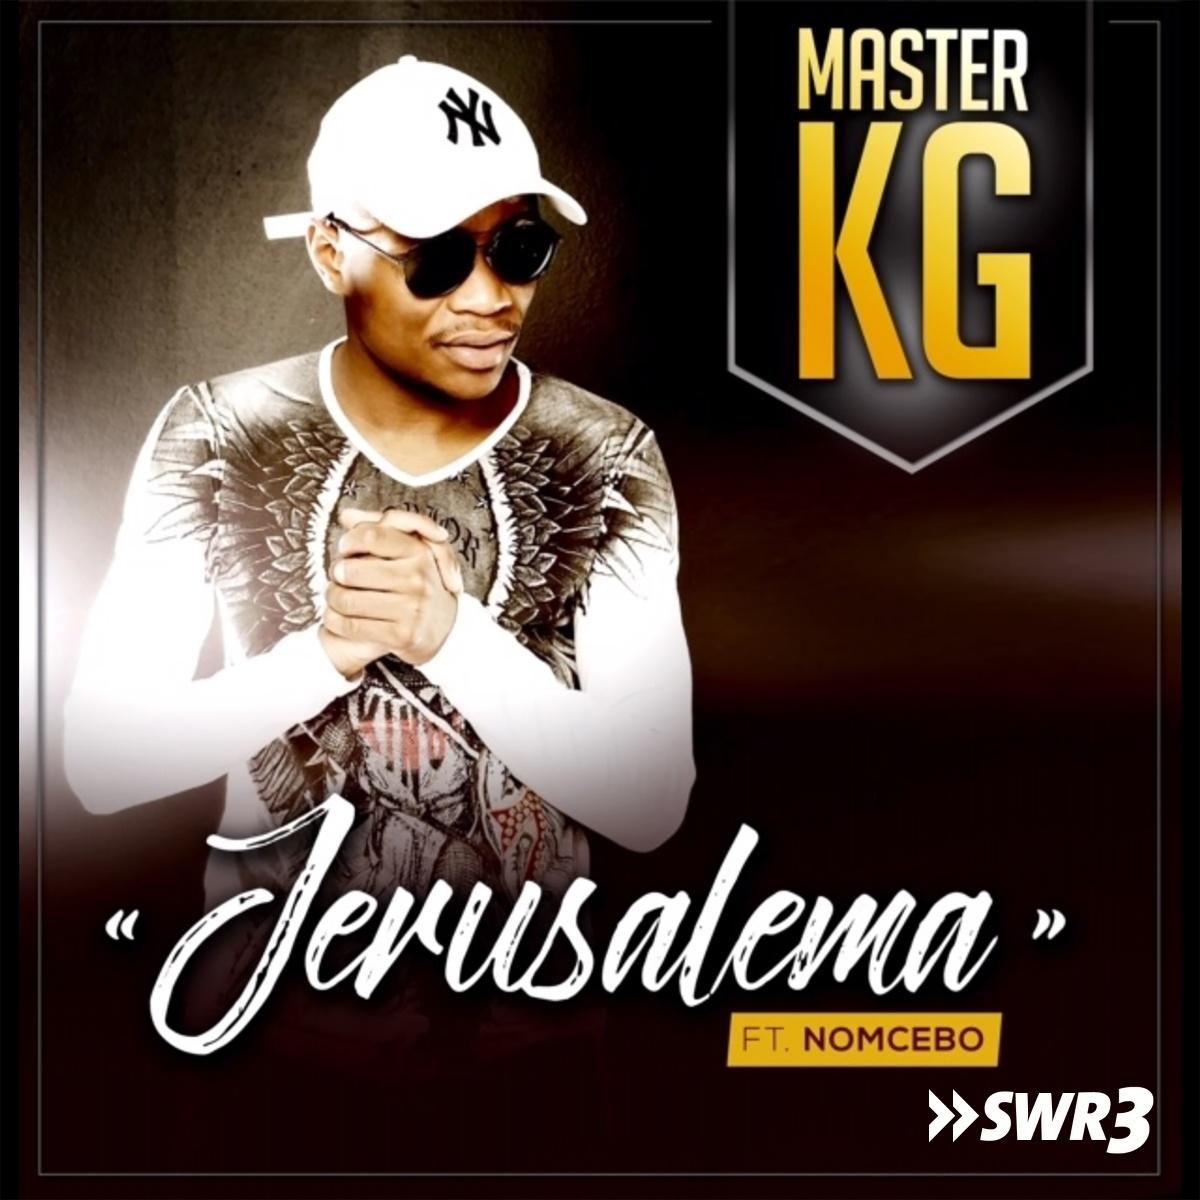 Jerusalema (Foto: Master KG)